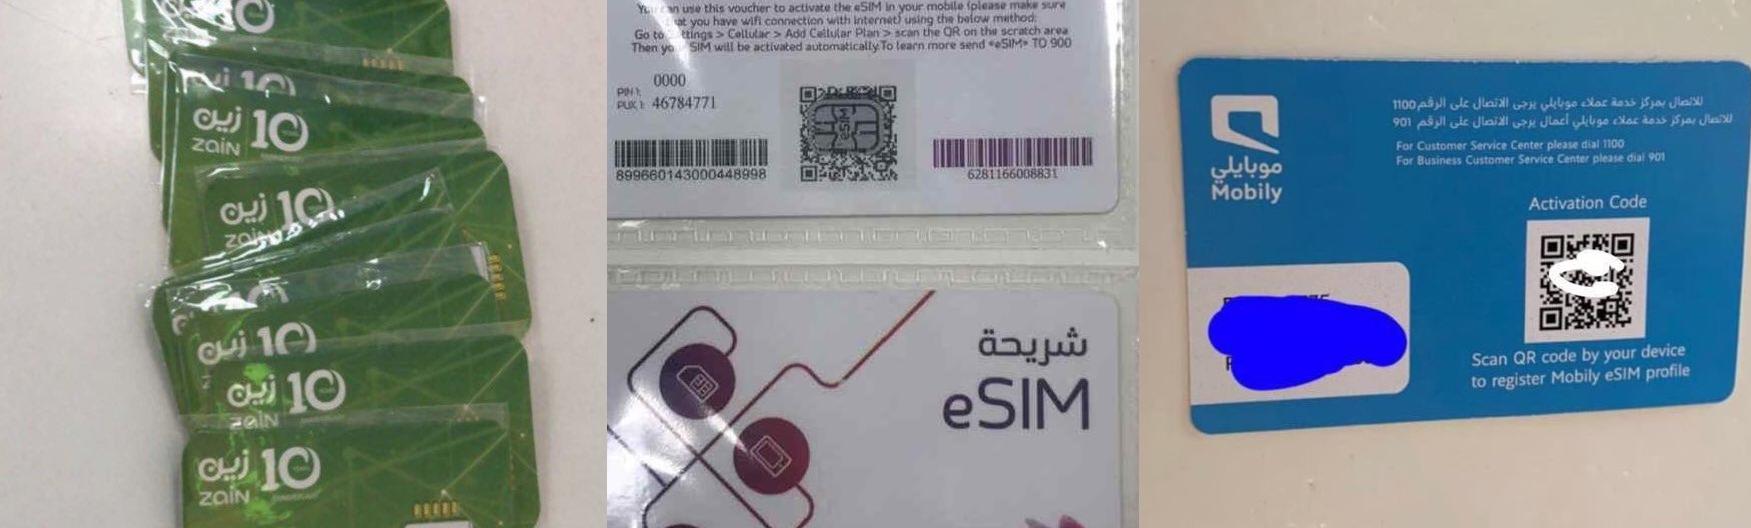 شركات الاتصالات في السعودية تستعد لإطلاق eSIM الأسبوع القادم